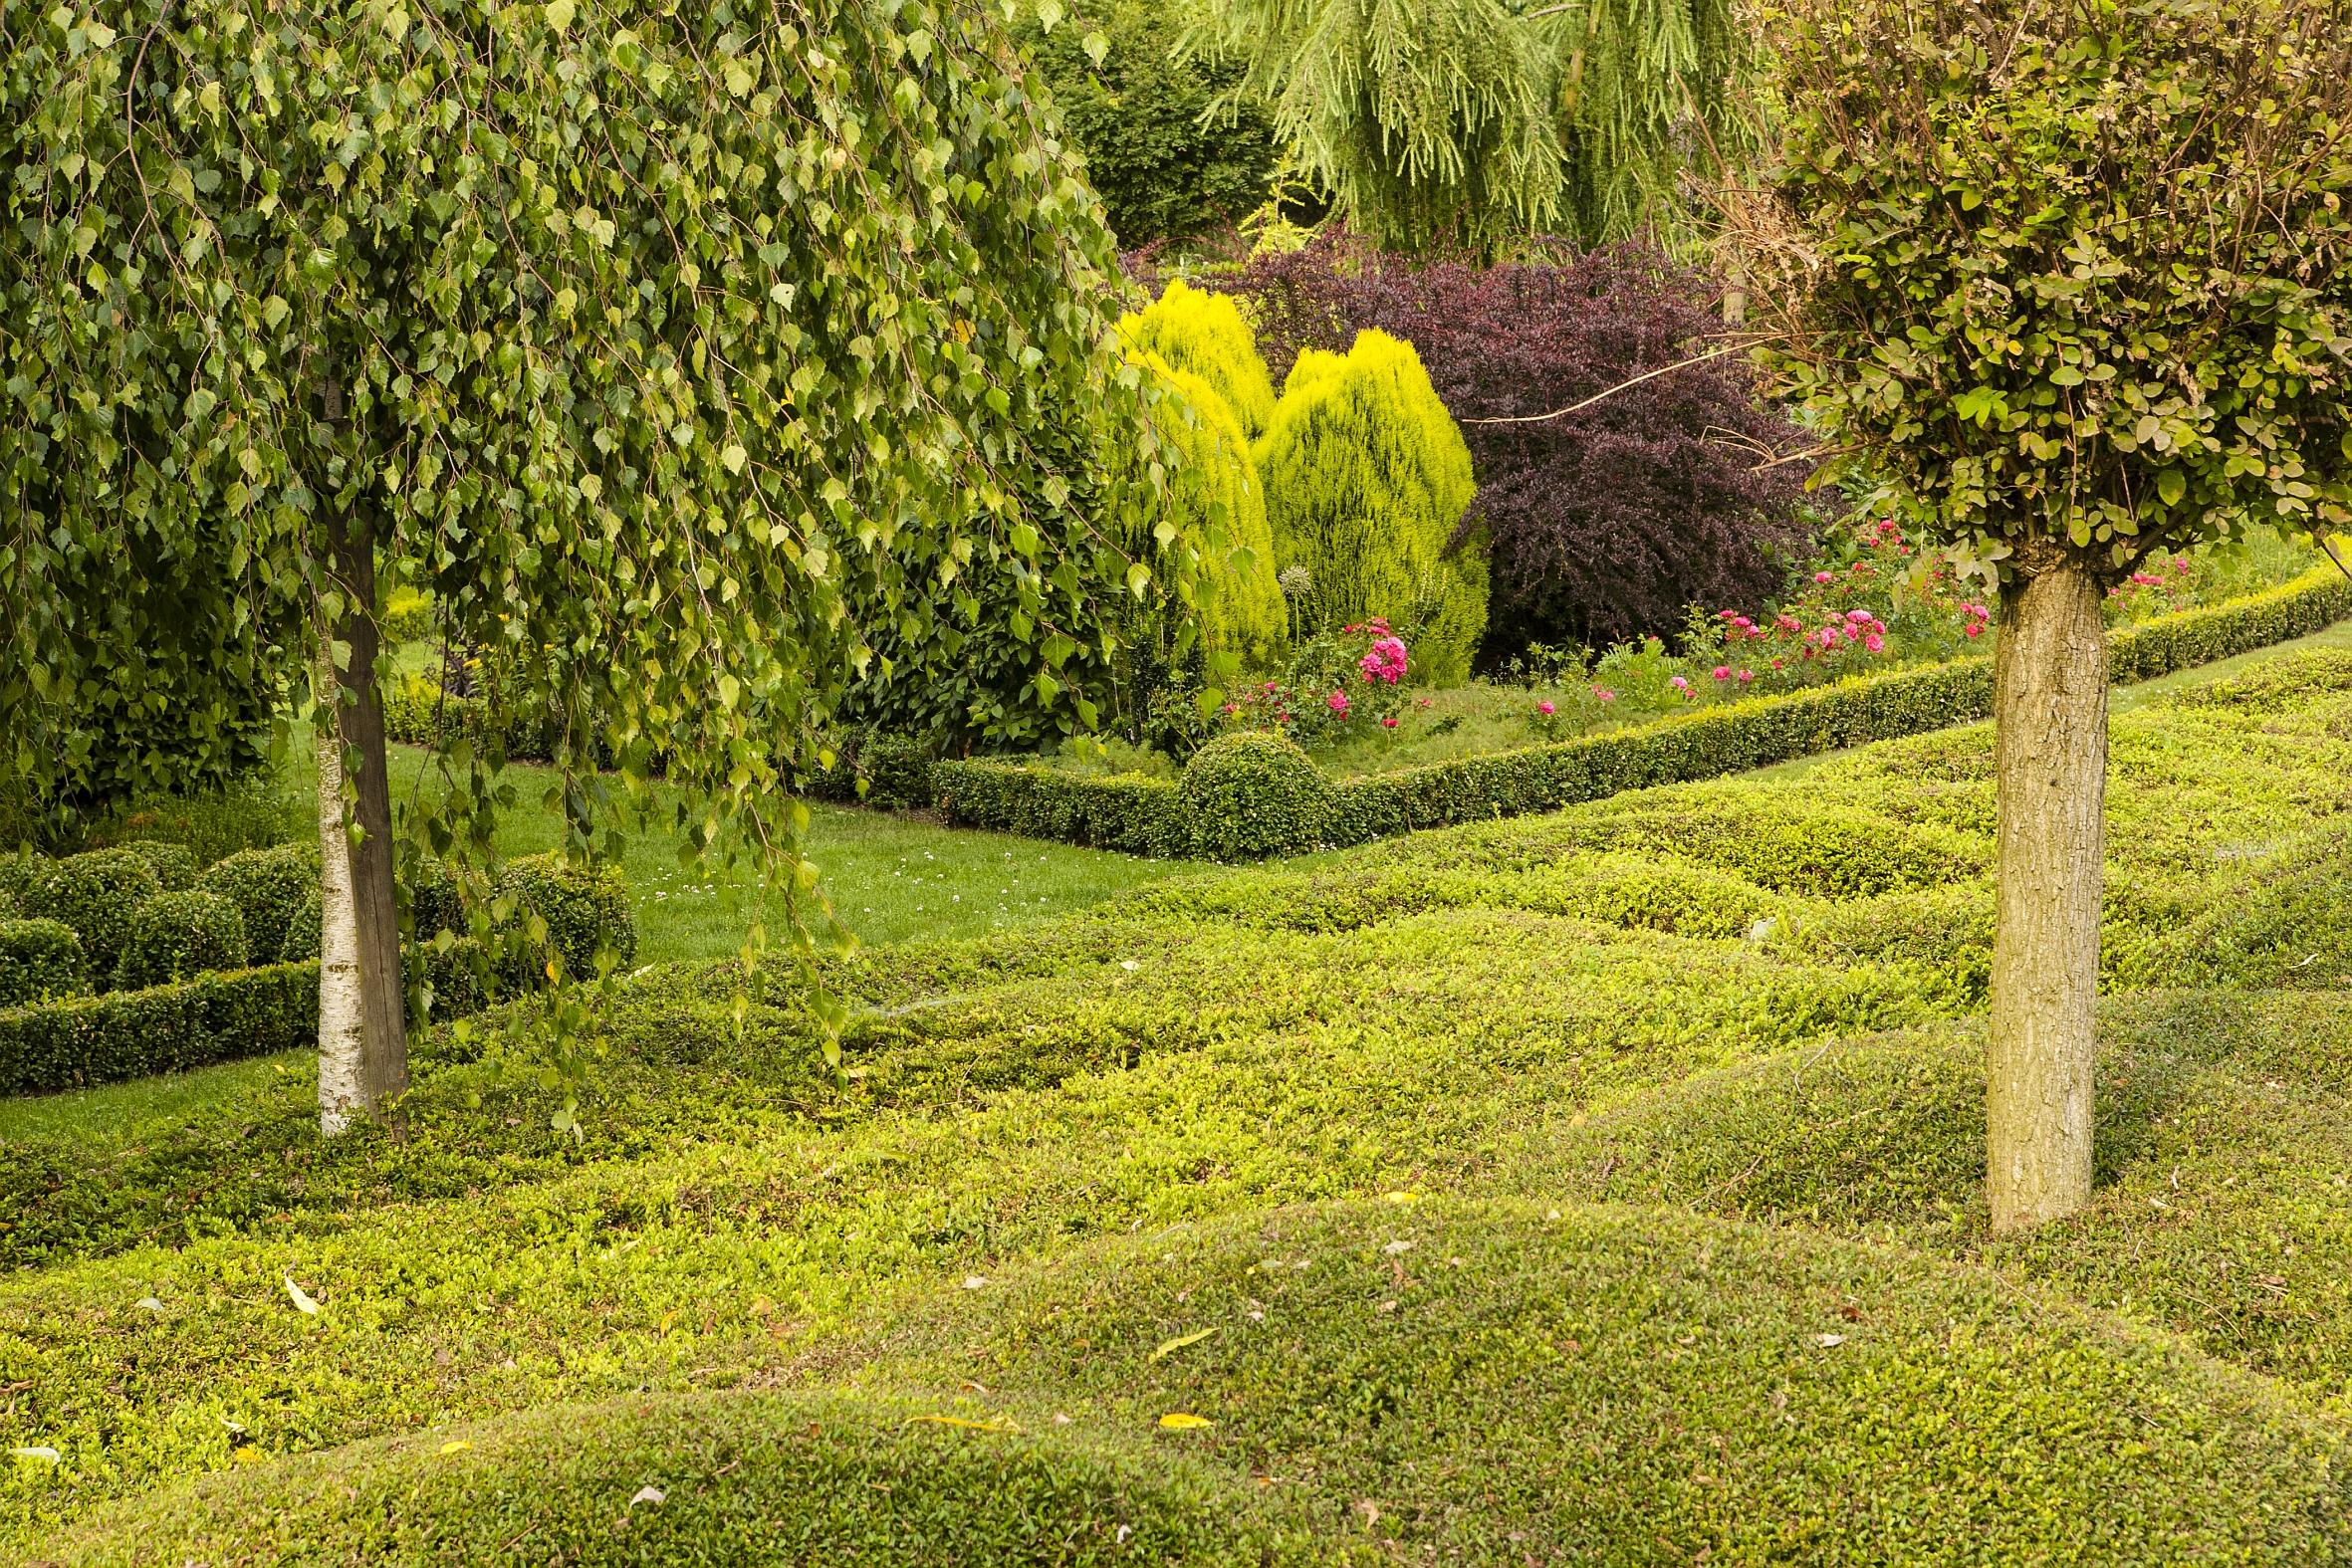 Pflegeleicht und dennoch schön: Bodendecker sparen Arbeit im Garten